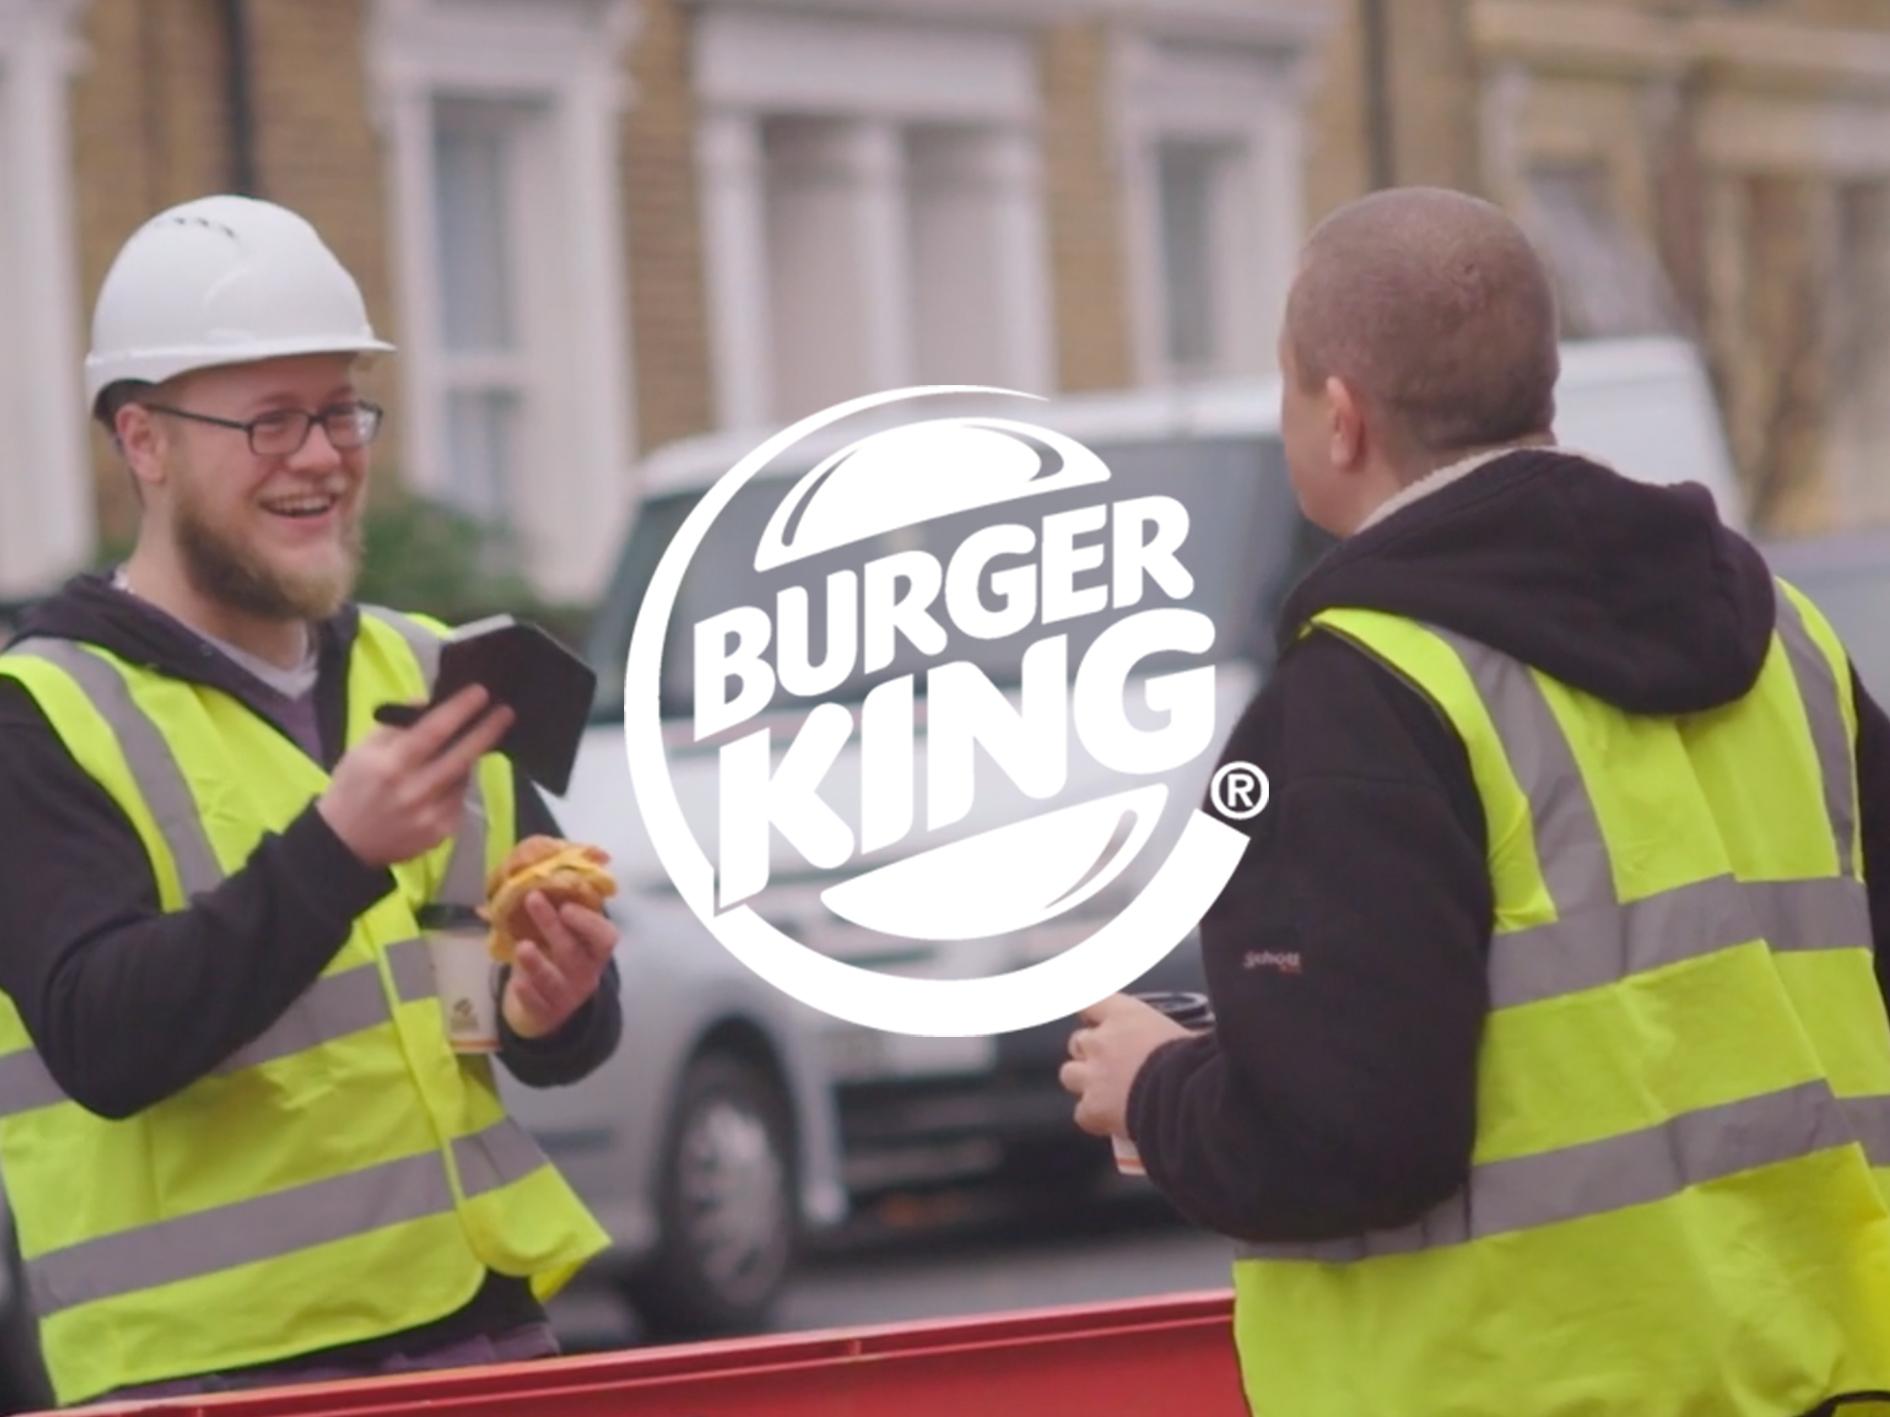 BurgerKing Thumbnail.jpg